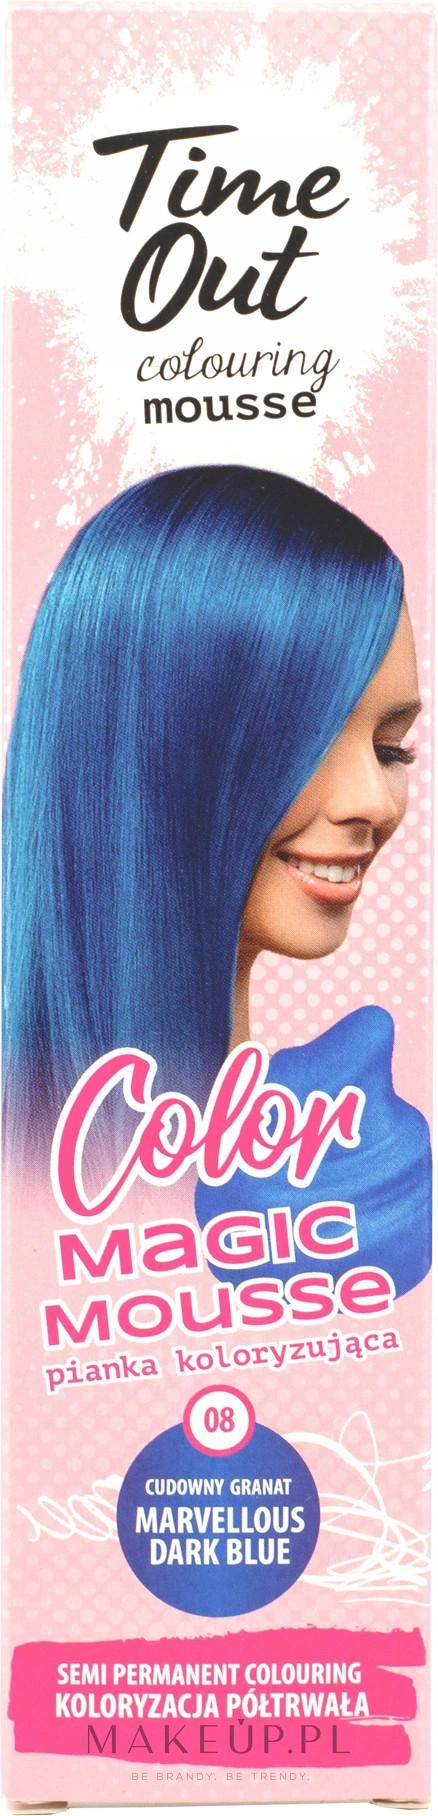 PRZECENA! Pianka koloryzująca do włosów - Time Out Color Magic Mousse * — фото 08 - Marvellous Dark Blue